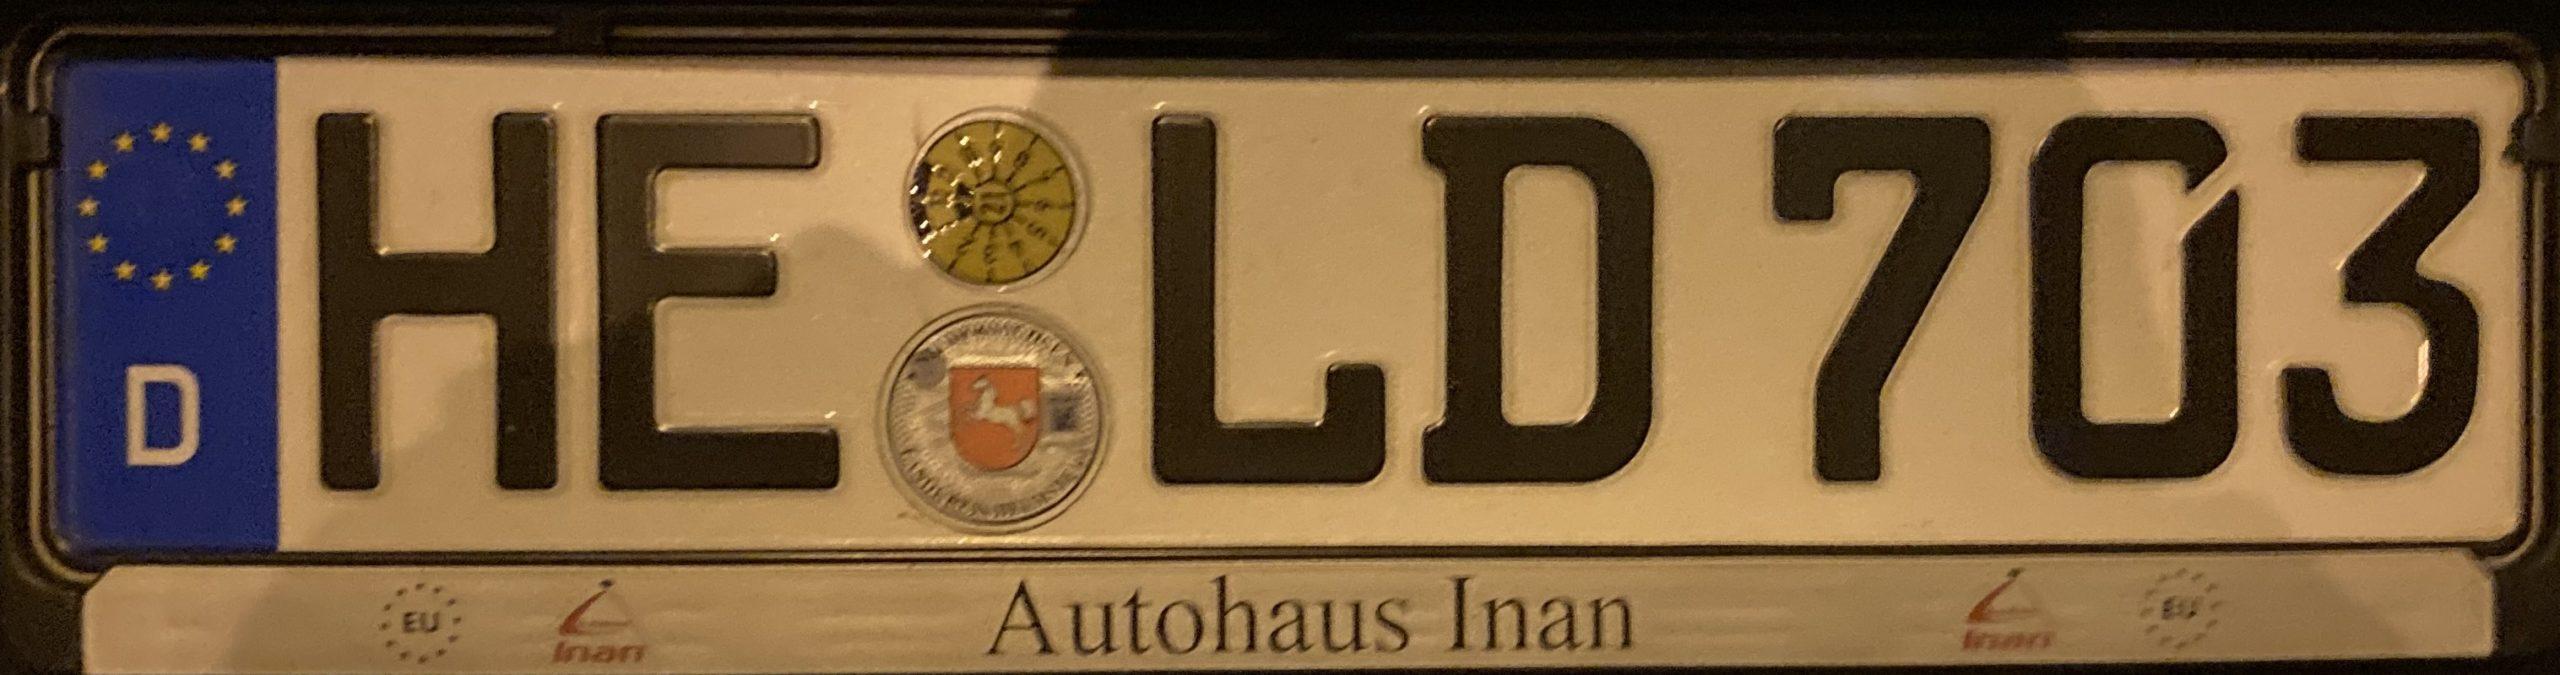 Registrační značky Německo - HE - Helmstedt, foto: www.podalnici.cz